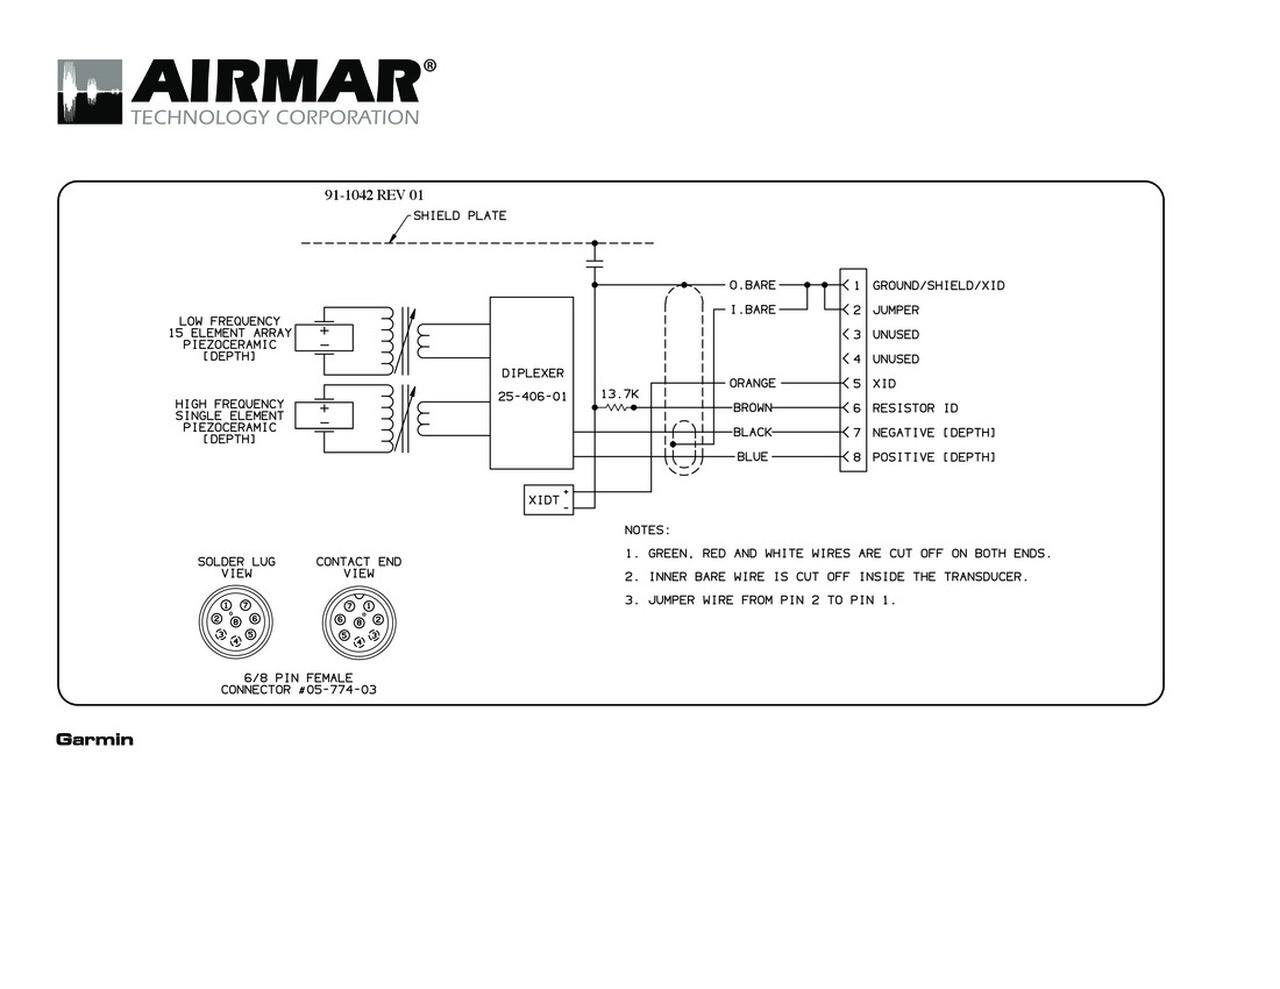 garmin 8 pin transducer wiring diagram